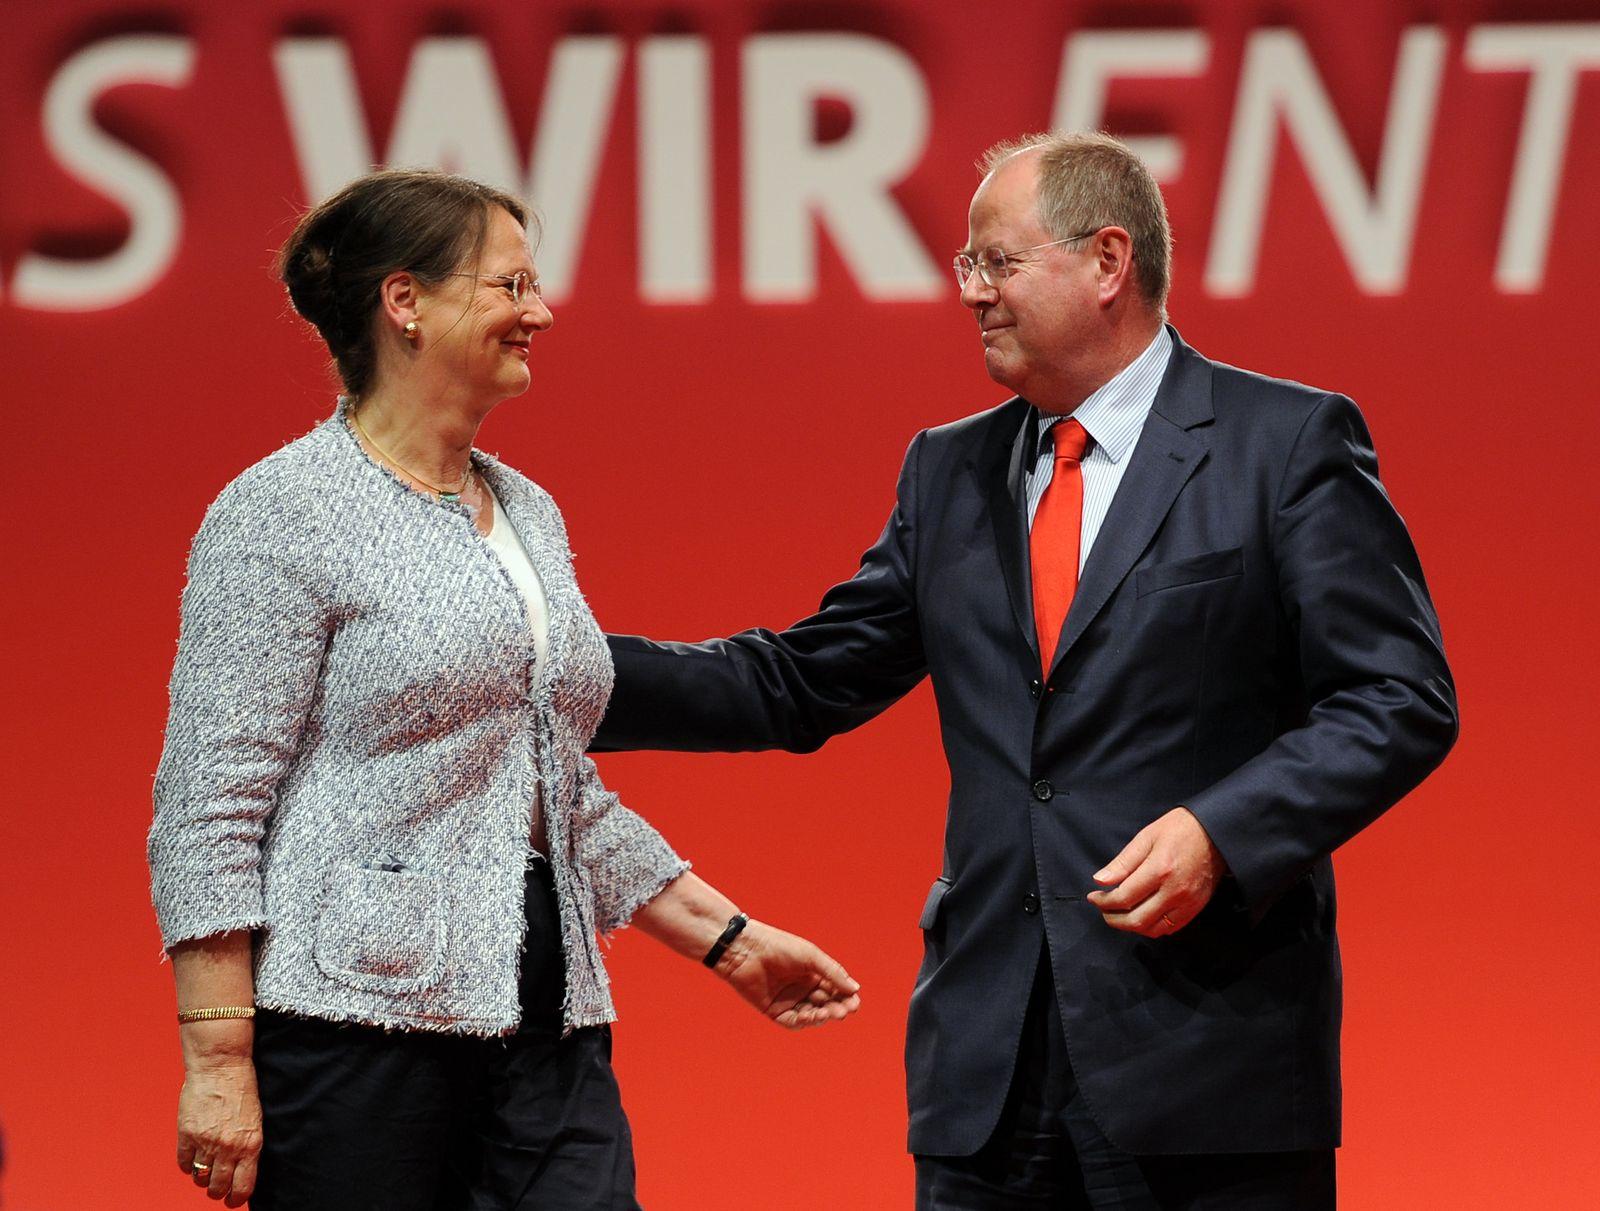 Parteikonvent / SPD